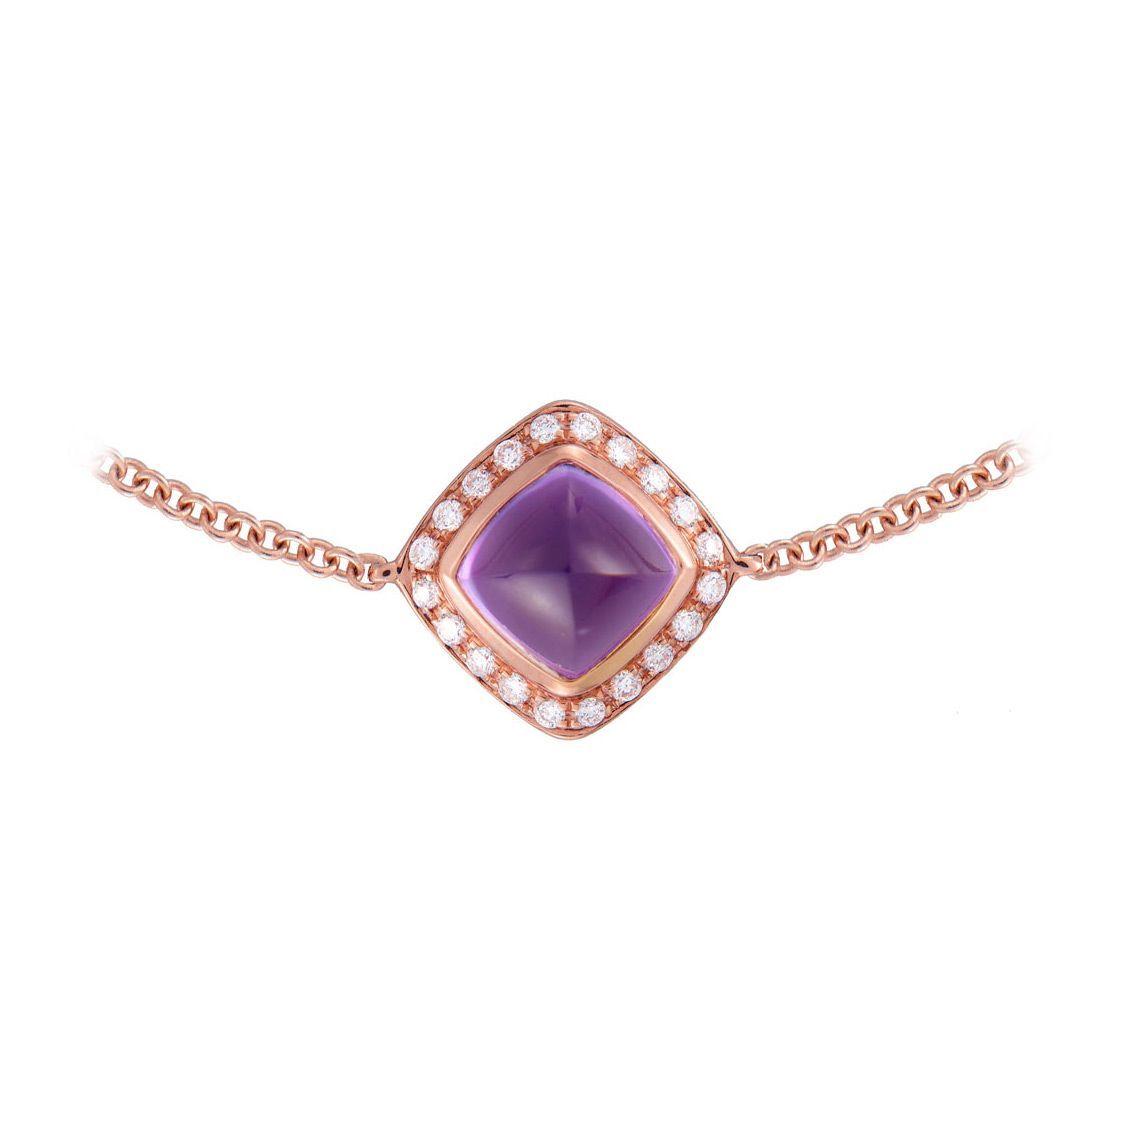 Bracelet FRED Pain de sucre en Or rose, Diamant et améthyste vue 2